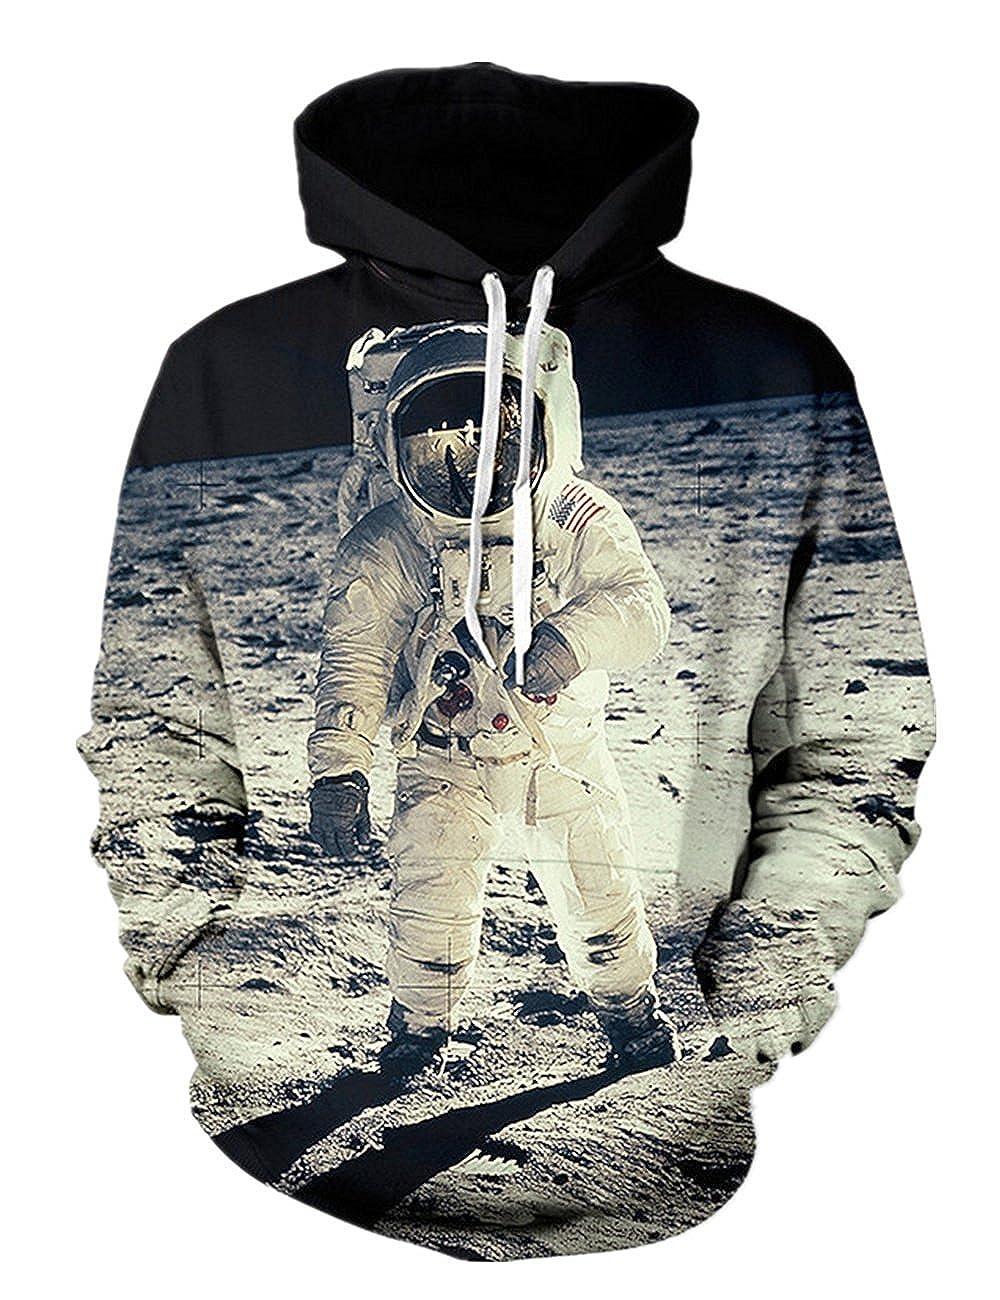 Minetom Damen Herren Mode 3D Digital Bedruckte Kapuzenpullover Unisex Lange Ärmel Pullover Sweatshirt Hoodies Tops